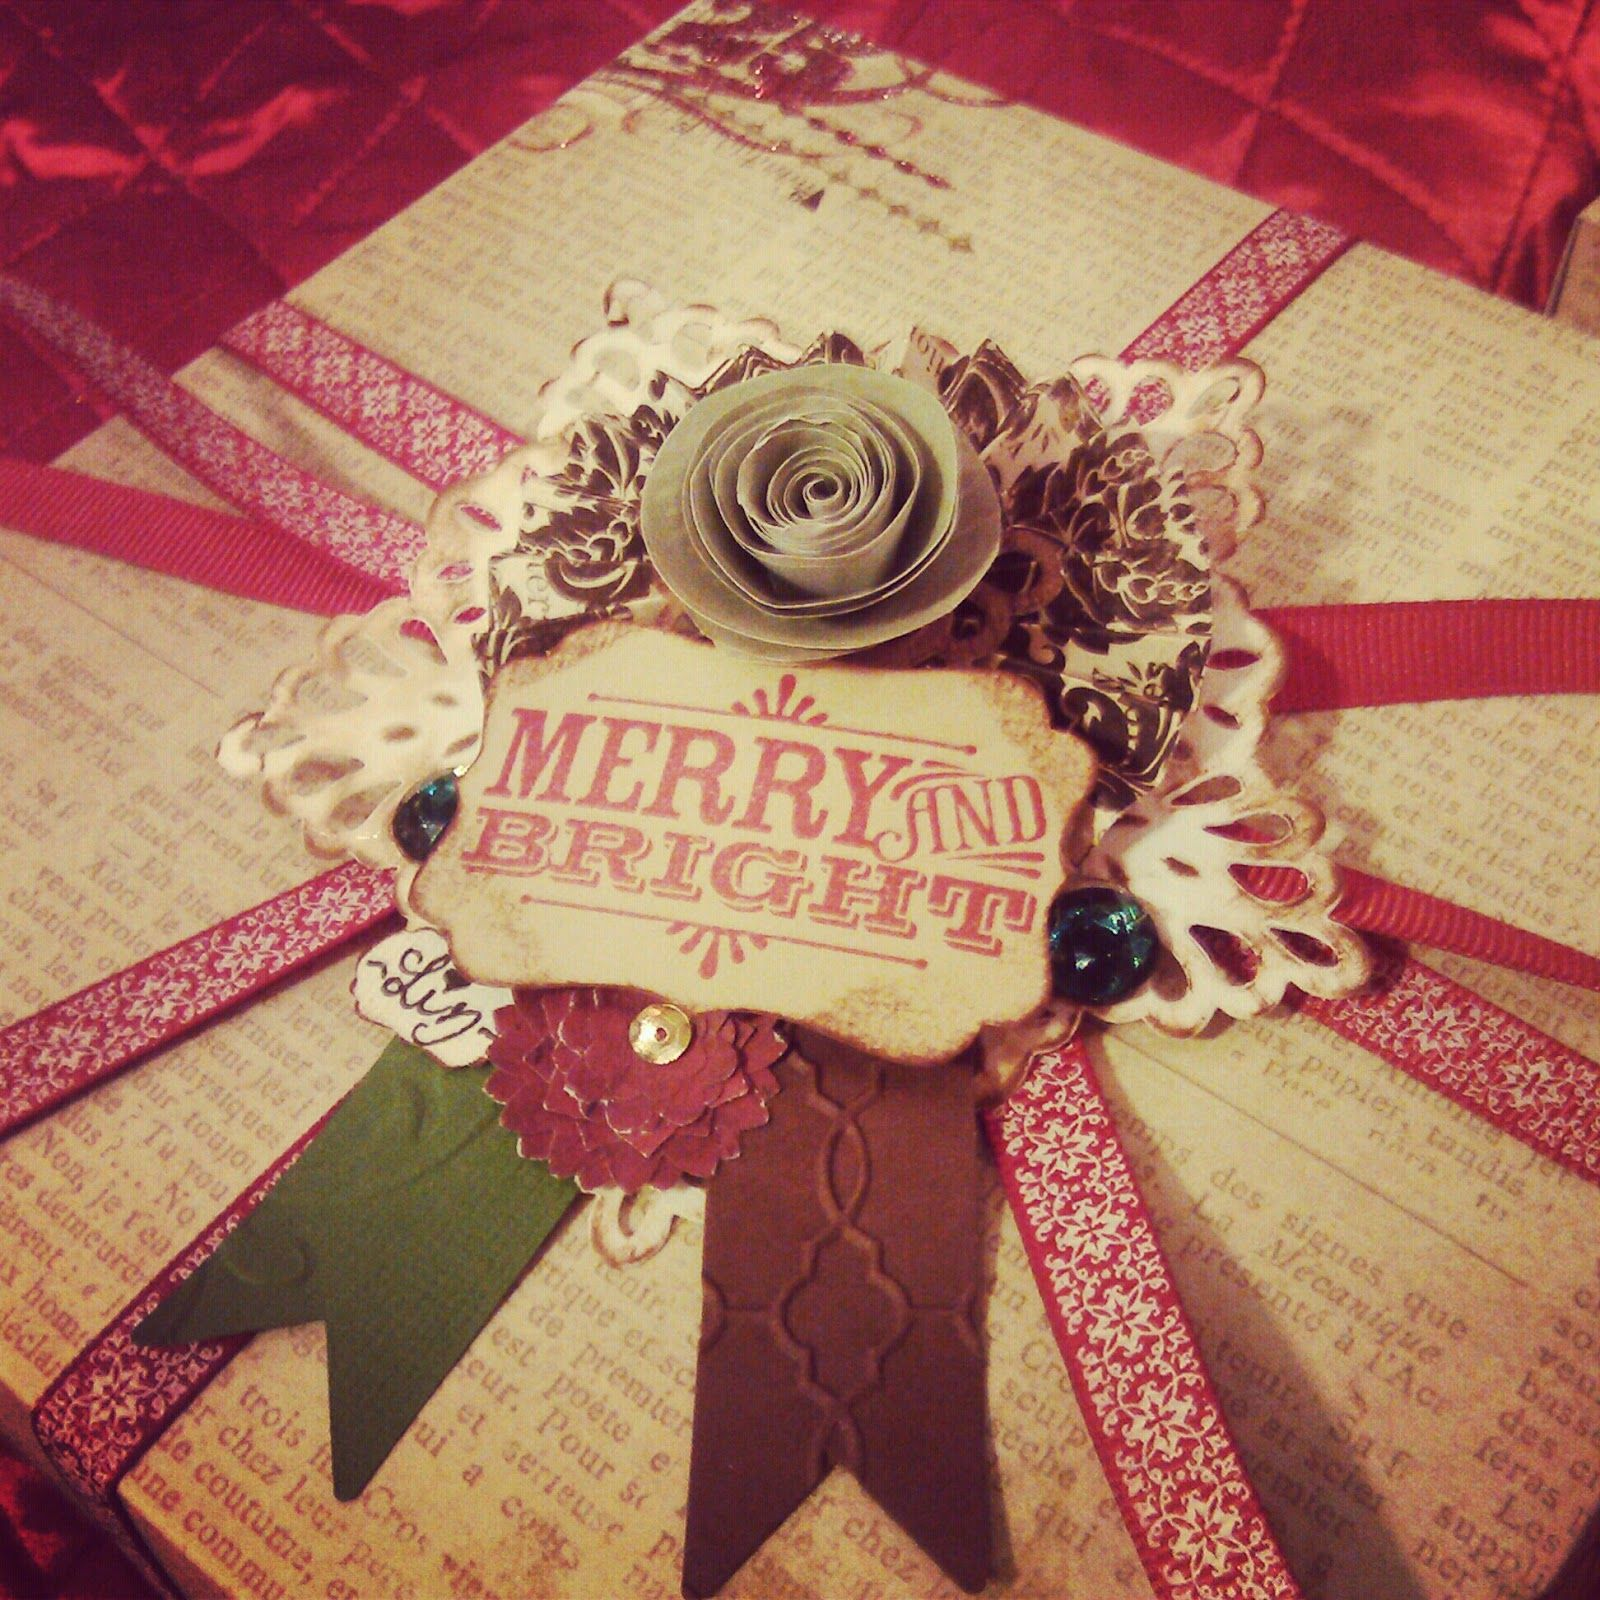 Sensei gifts for christmas